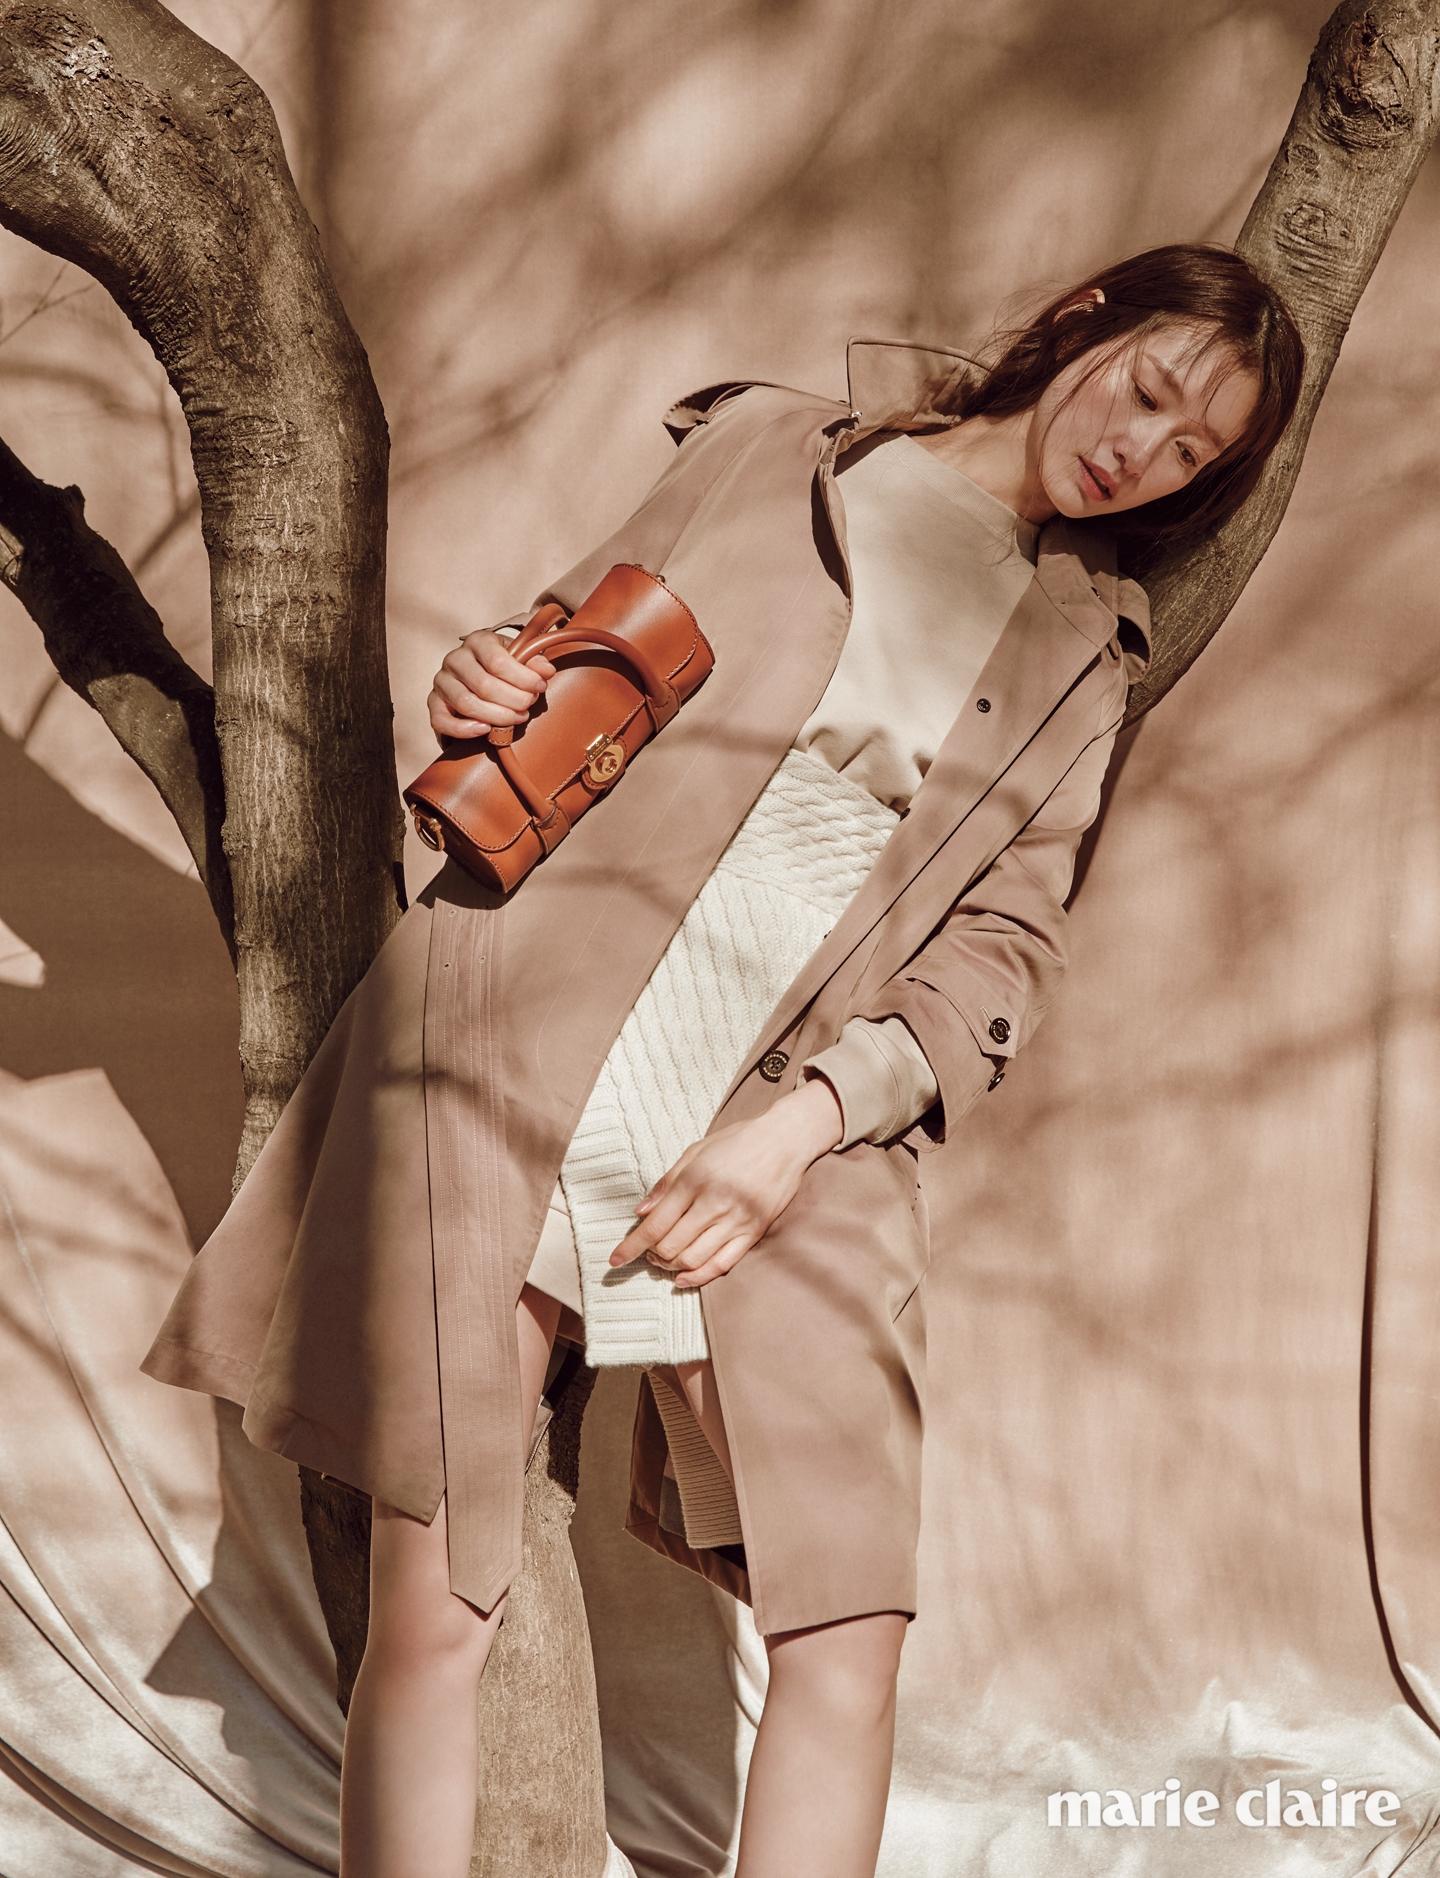 싱글 브레스트 디자인의 트로피컬 개버딘 트렌치코트,캐시미어 니트 패널을 스커트처럼 덧댄 스웨트 드레스,캐멀 컬러 미니 사이즈 배럴 백 모두 버버리(Burberry).